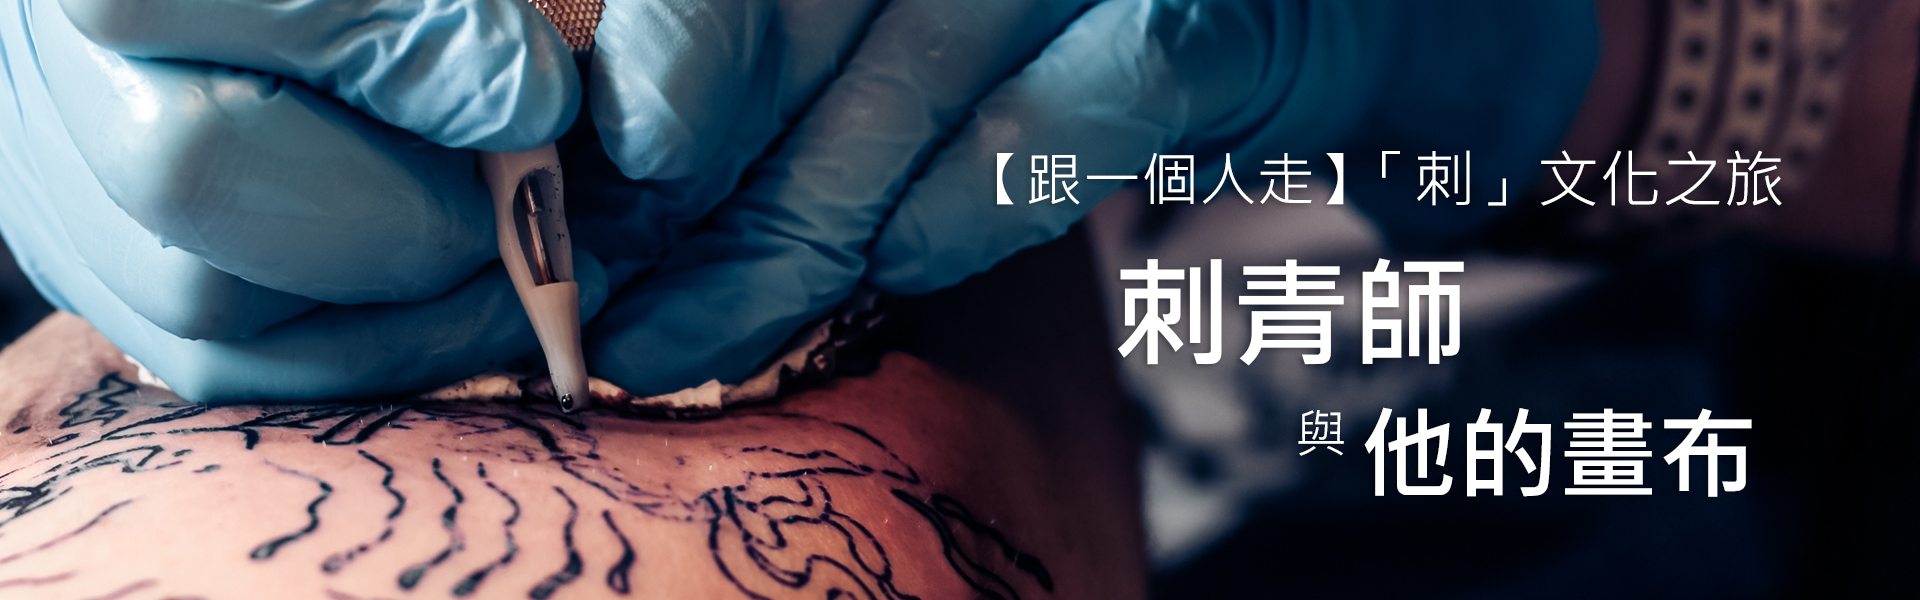 刺青_banner